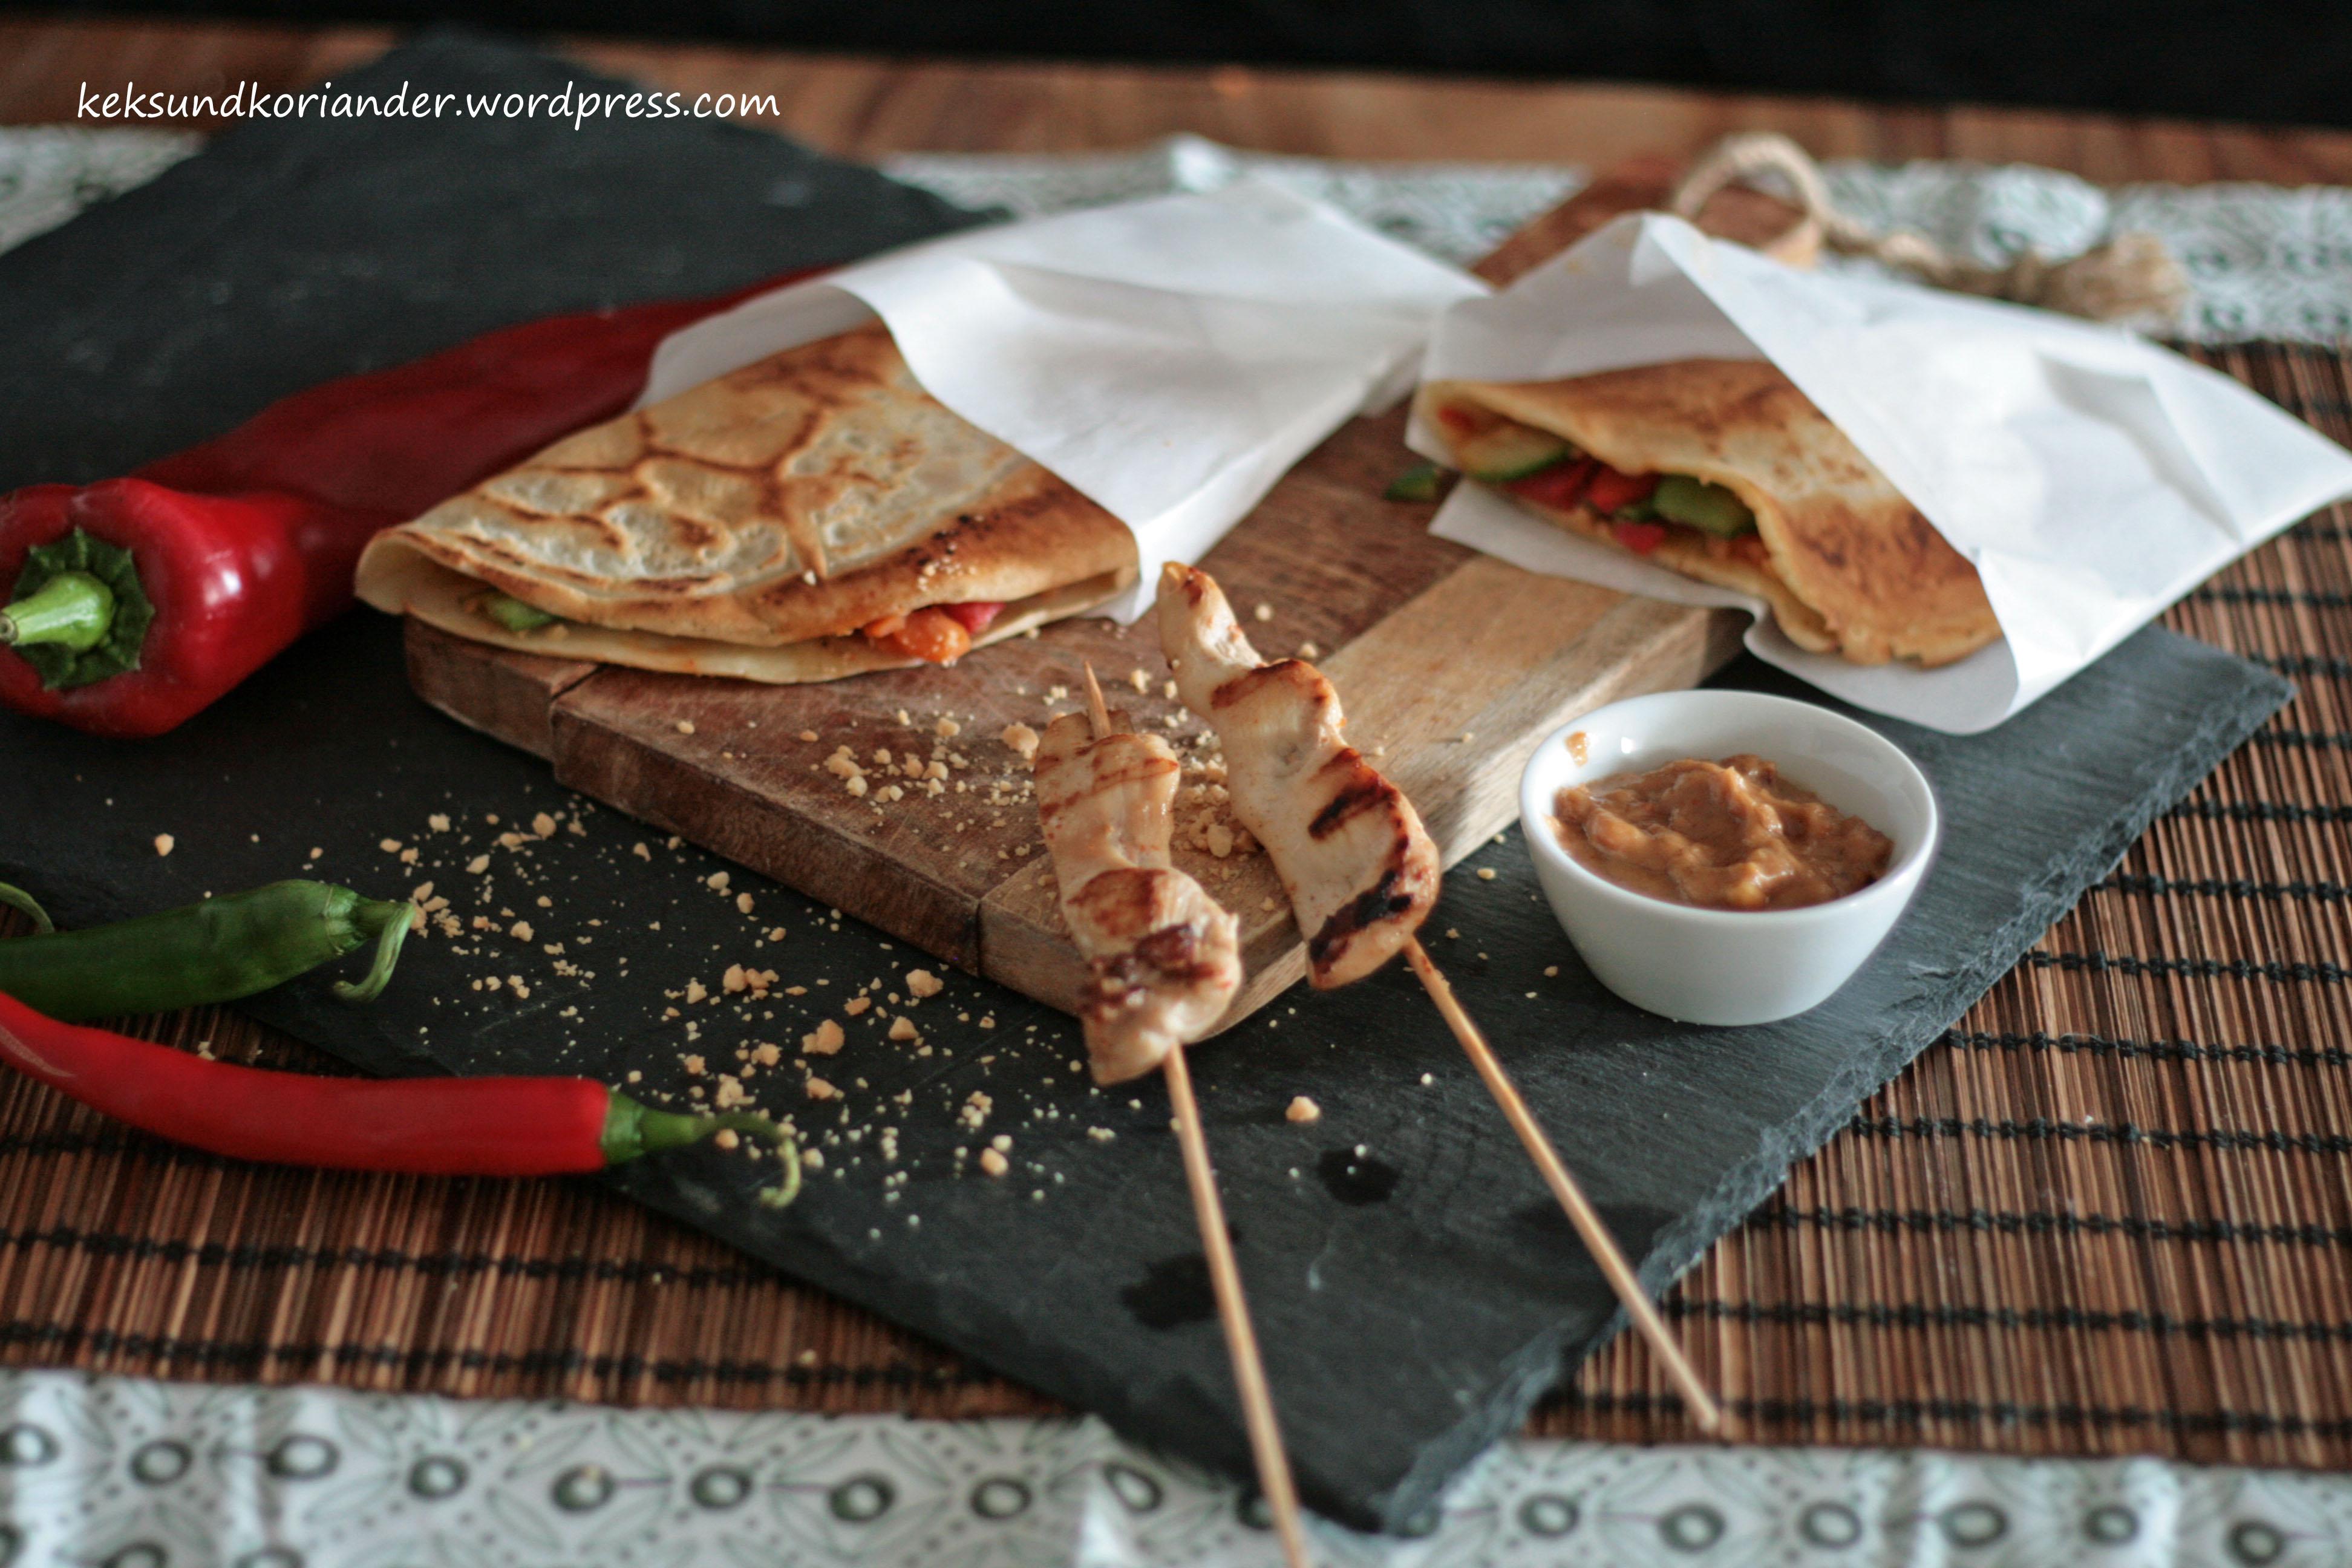 Serabi indonesische Pfannkuchen Gemüse Sambal Oelek 6